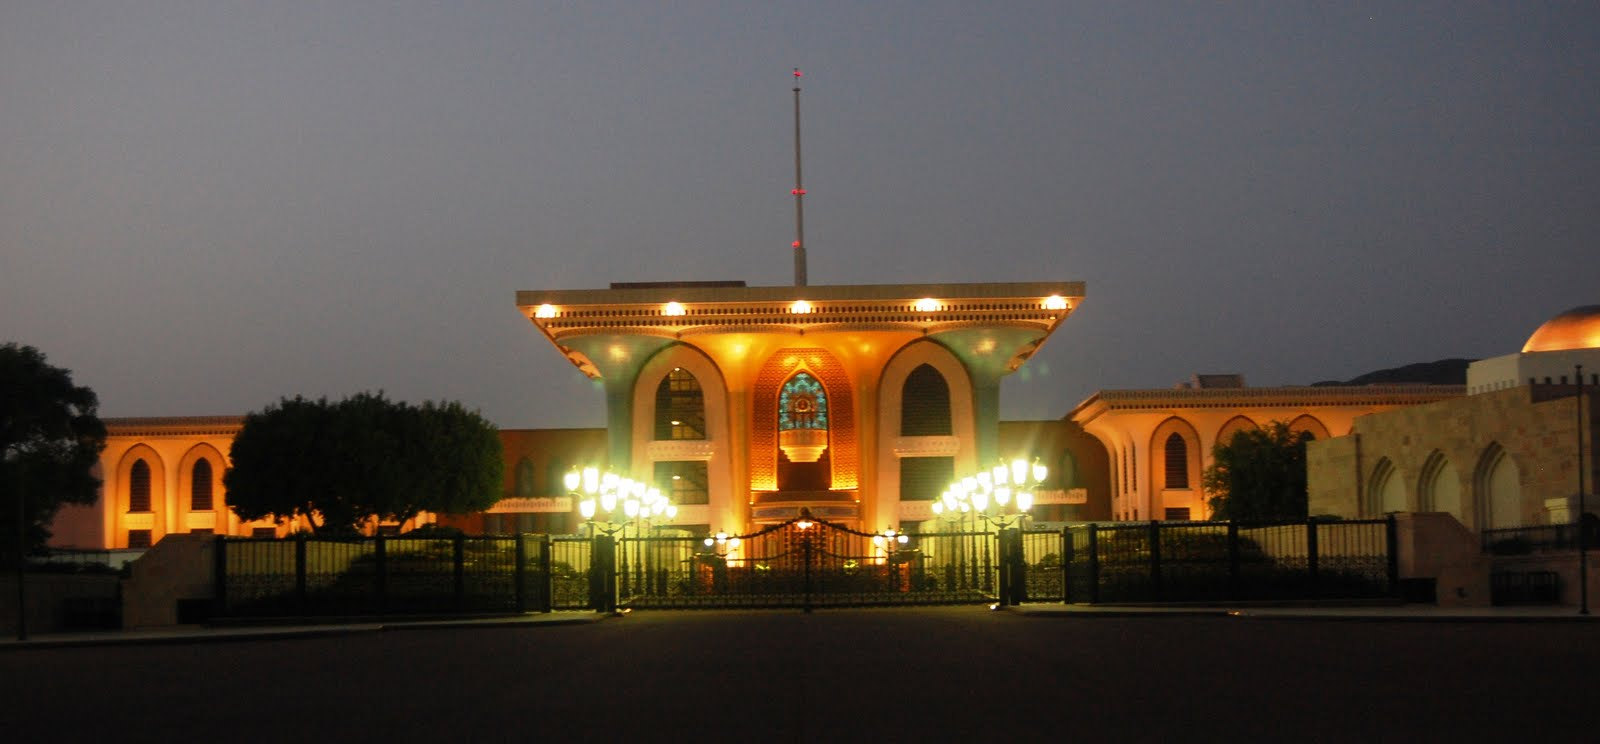 قصر العلم العامر Size:81.90 Kb Dim: 1600 x 744